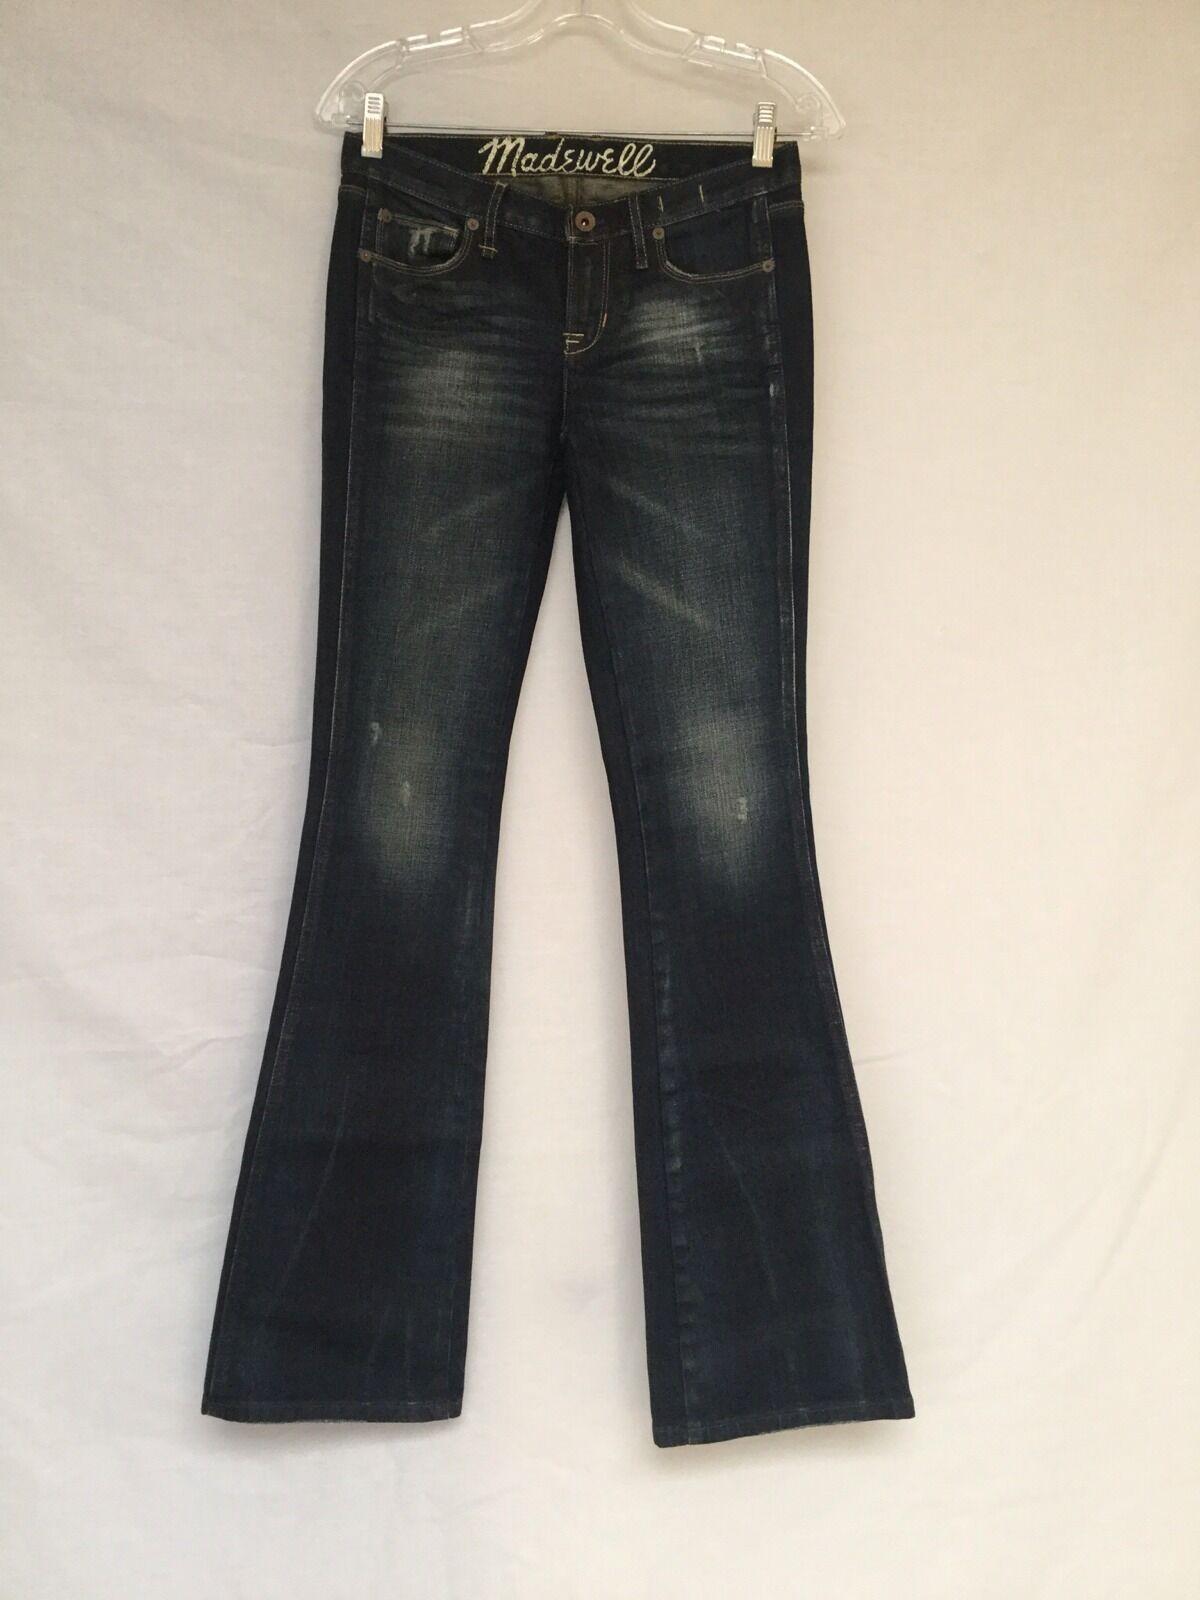 Ladie's Madewell Slight Curve Jeans-bluee 24X34